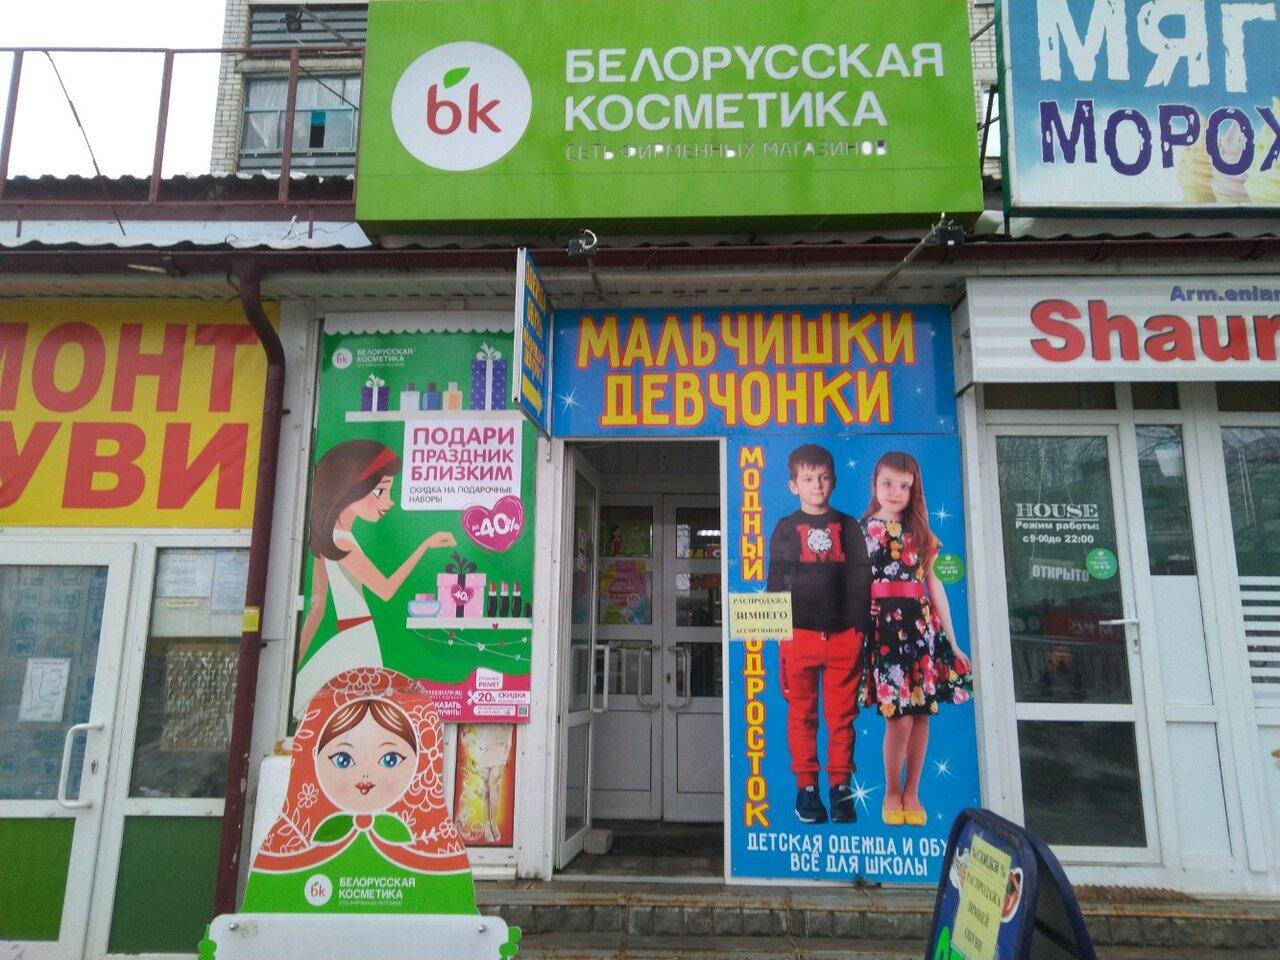 Купить белорусскую косметику в брянске купить кейсы для косметики казань